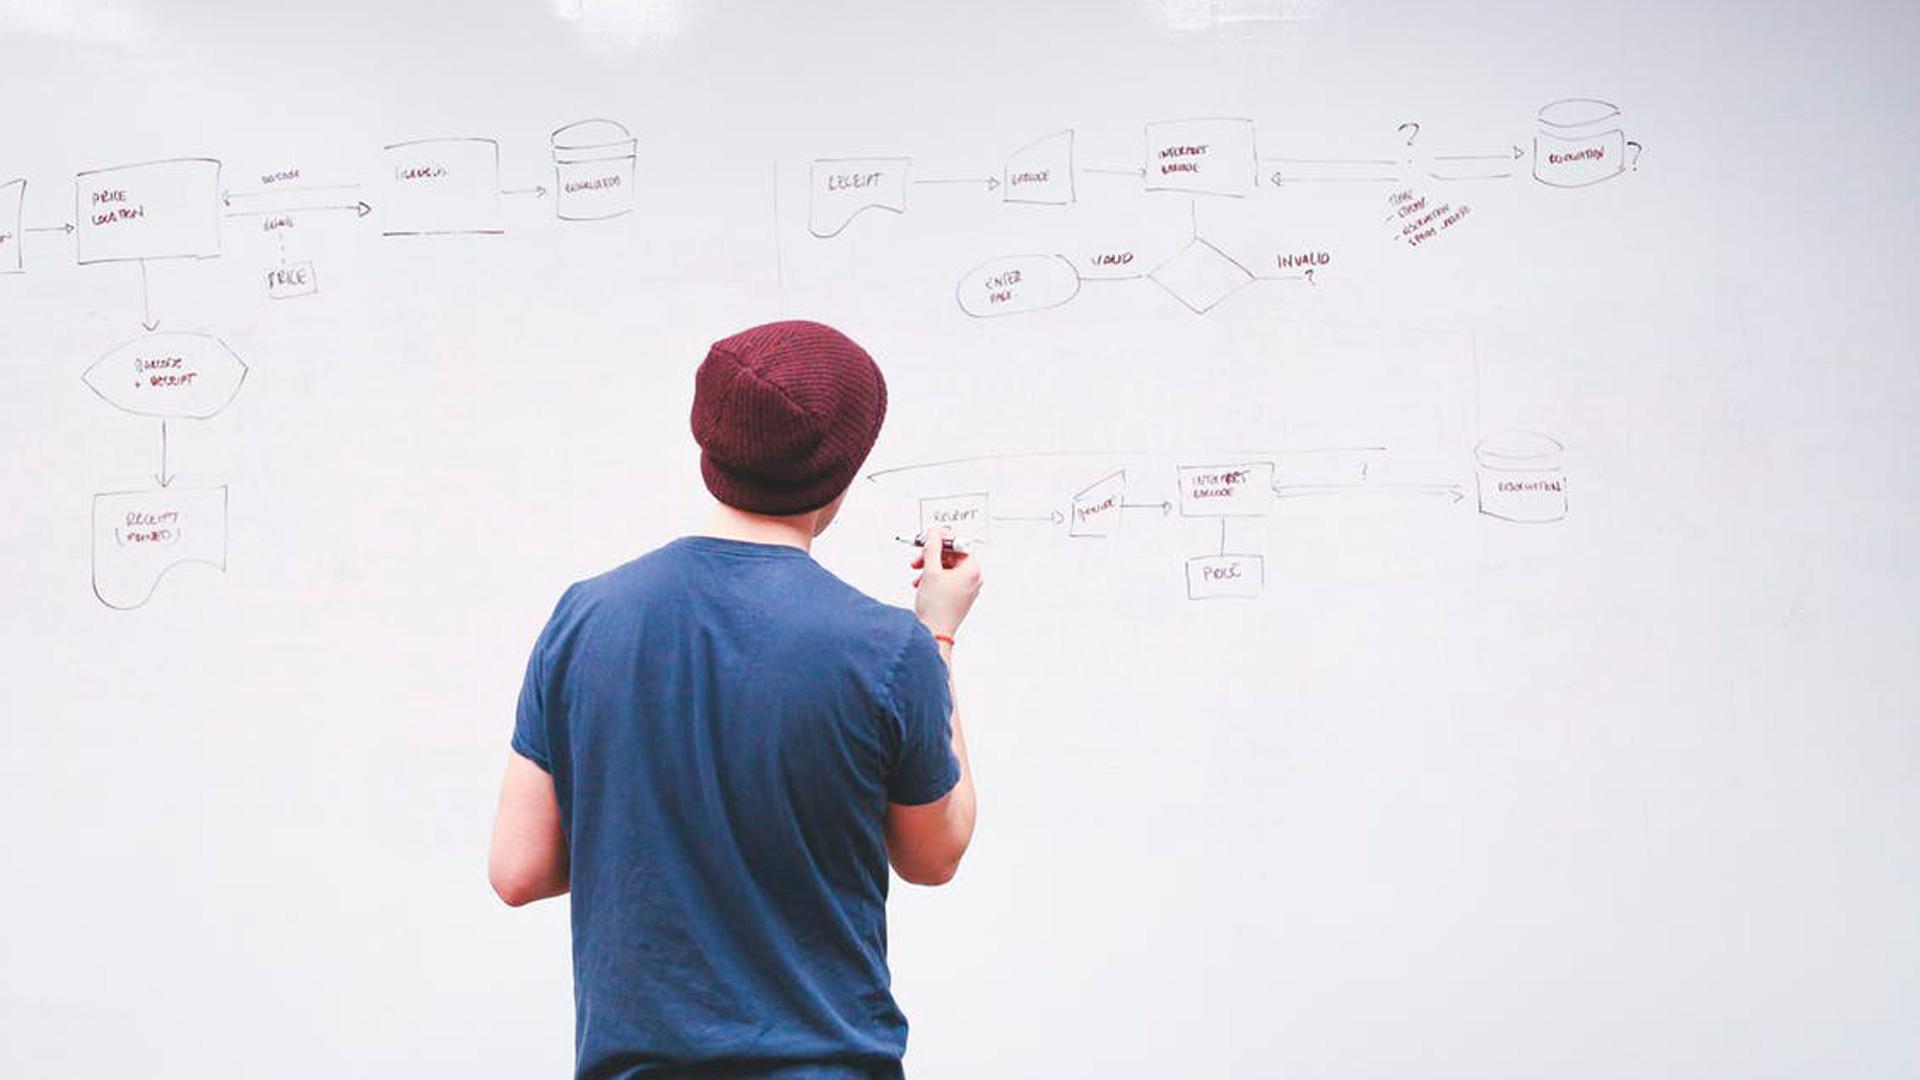 <p>En esta Masterclass <strong>Estructura organizativa de una clínica</strong>, impartida por Luis Mallo, aprenderemos qué es una <strong>estructura organizativa</strong>, qué elementos la integran y cómo este <strong>diseño organizacional </strong>es una herramienta esencial para conseguir y alcanzar el rendimiento que tenemos establecido dentro del <strong>plan estratégico anual</strong> para nuestra clínica.<br /> <br /> Gracias a esta Masterclass,<strong> Estructura organizativa de una clínica</strong>, aprenderás los requisitos que debe cumplir hoy en día una clínica dental para poder realizar con éxito una <strong>estructura organizacional </strong>que se adapte las nuevas preferencias del paciente. En definitiva, podrás dominar las diferentes herramientas y criterios a la hora de diseñar un <strong>plan estratégico</strong> y una <strong>estructura organizativa </strong>para crear un clima laboral adecuado identificando qué aspectos es necesario reforzar para mejorar el rendimiento del equipo en la clínica dental.<br /> <br /> Todas nuestras Masterclass están impartidas por los mayores expertos en gestión de clínicas. Gracias a nuestra Masterclass<strong>Estructura organizativa de una clínica</strong> y otras como esta, que forman parte de la serie<strong>Las claves de una organización eficaz en la clínica</strong>, podrás desarrollar y actualizar tus conocimientos sobregestión y organización,para poder construir <strong>modelos organizacionales</strong>, de acuerdo con una metodología sencilla y práctica, alcanzando con ello una formación avanzada en la <strong>estructura organizativa</strong>,con criterios científicos y de excelencia, abordando las últimas tendencias y técnicas directivas más actuales en el sector odontológico.<br /> <br /> Desde Knotgroup Dental Institute te invitamos a que explores a través de nuestra web y encuentres otras Masterclass como<strong>Estructura organizativa de una clínica</strong>, para actualizar tus conocimientos y aplicar